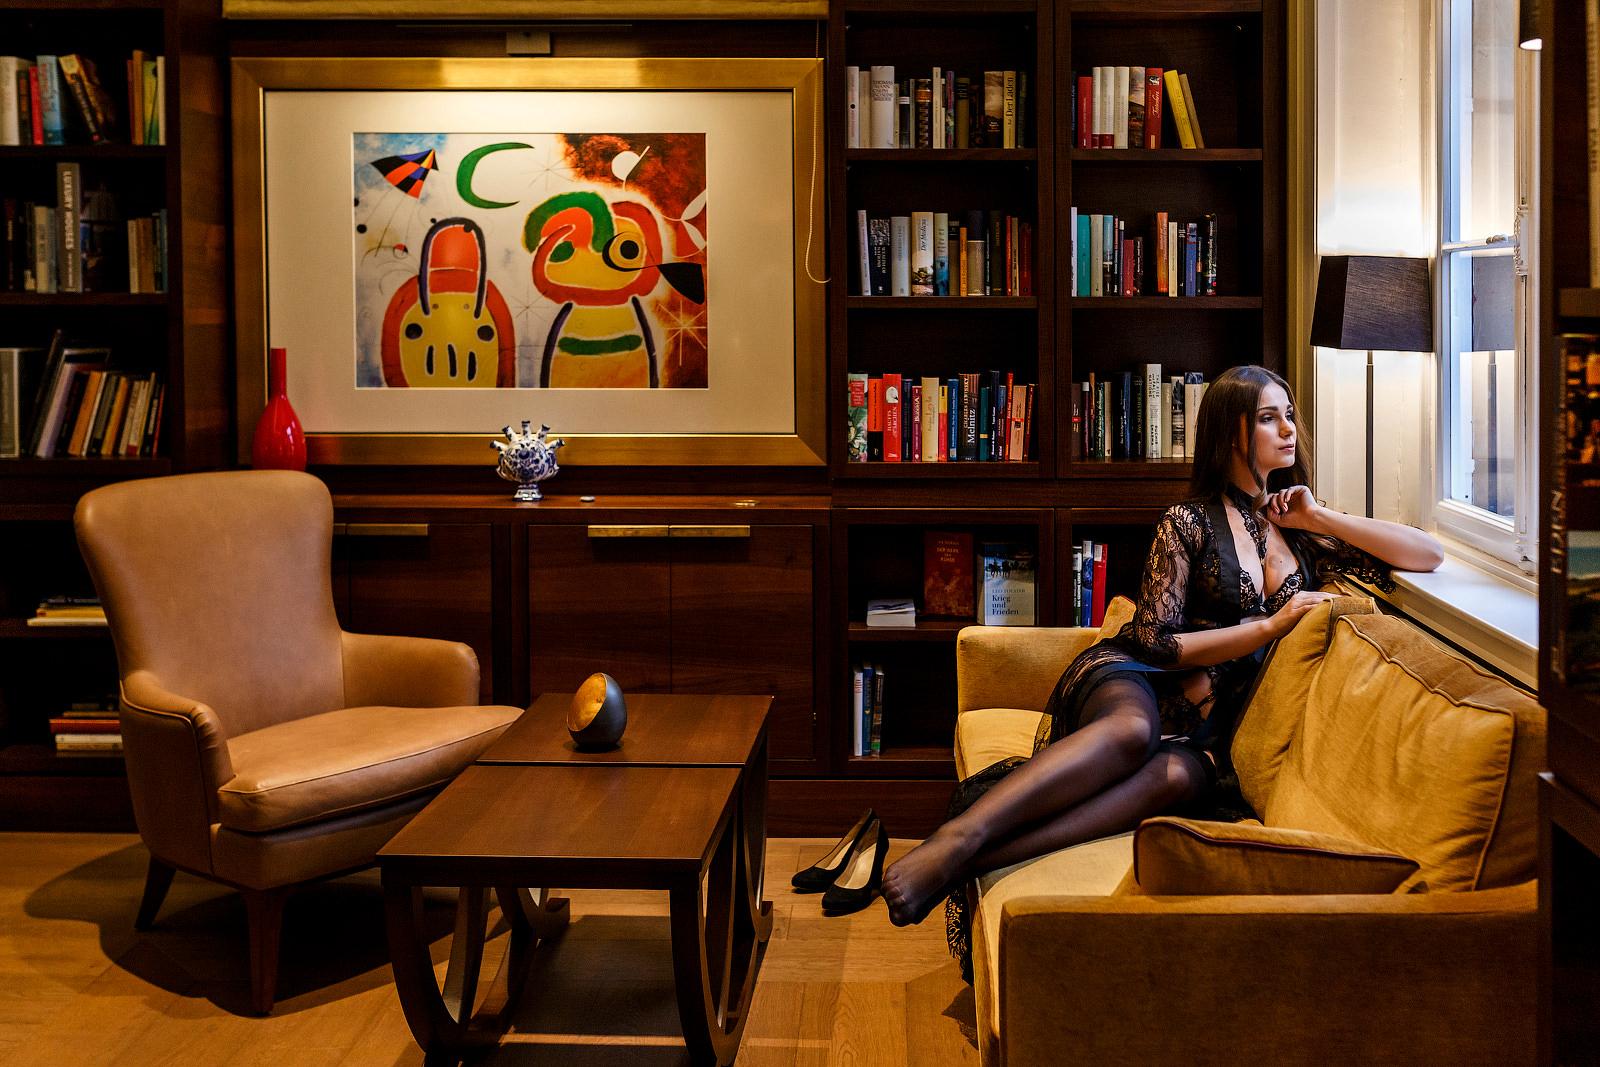 Boudoir Fotoshooting mit verschiedenen Outfits in Frankfurt im Hotel.